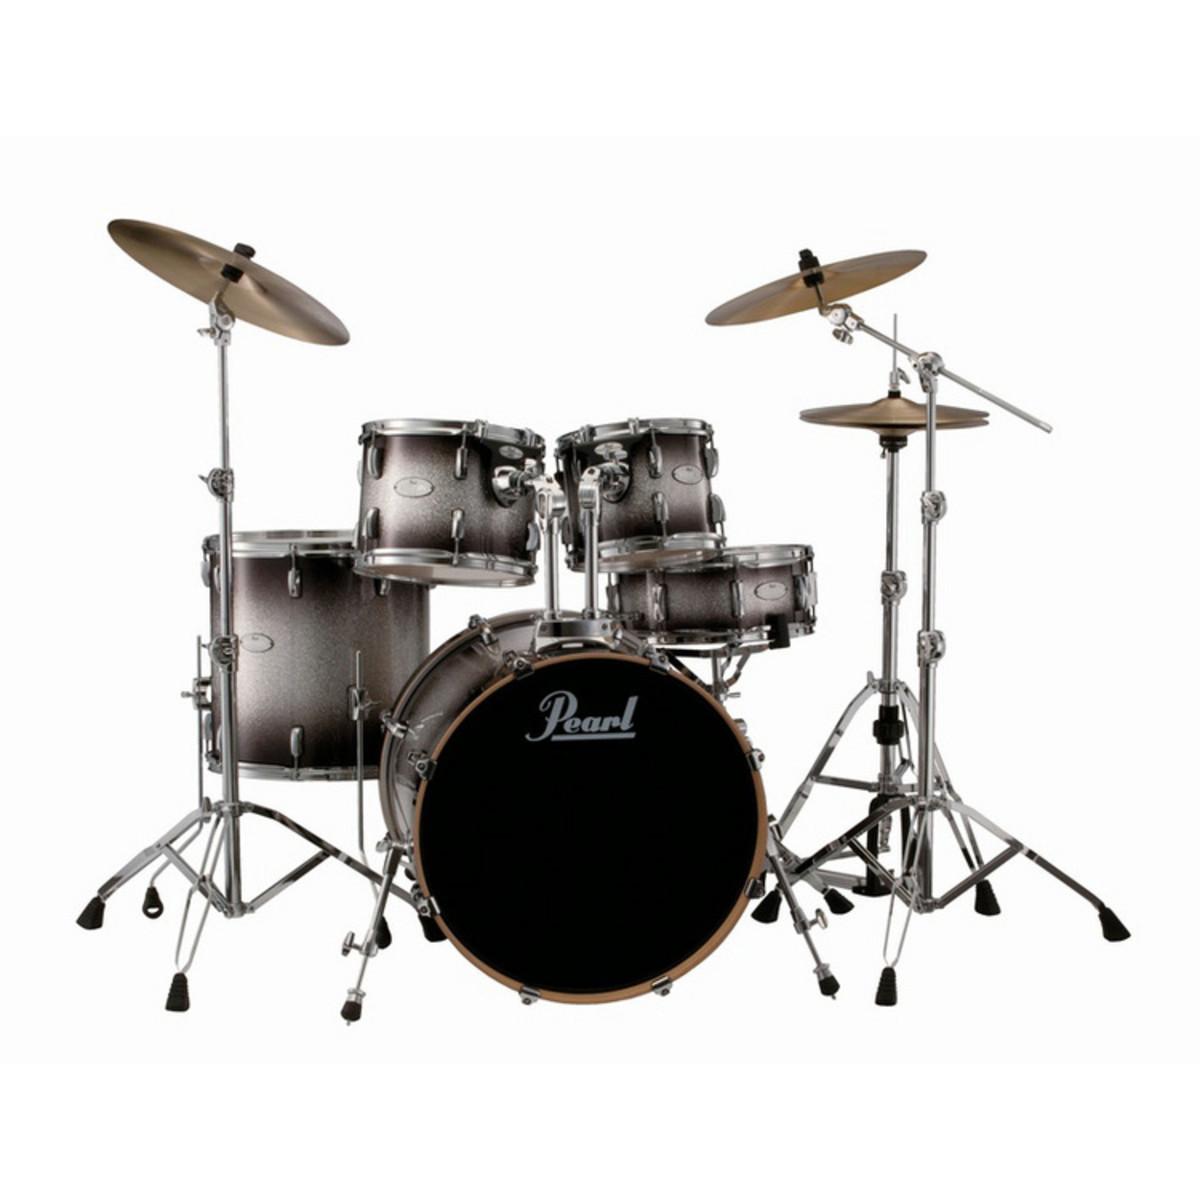 pearl vision vml maple rock drum kit hardware black silver burst at. Black Bedroom Furniture Sets. Home Design Ideas